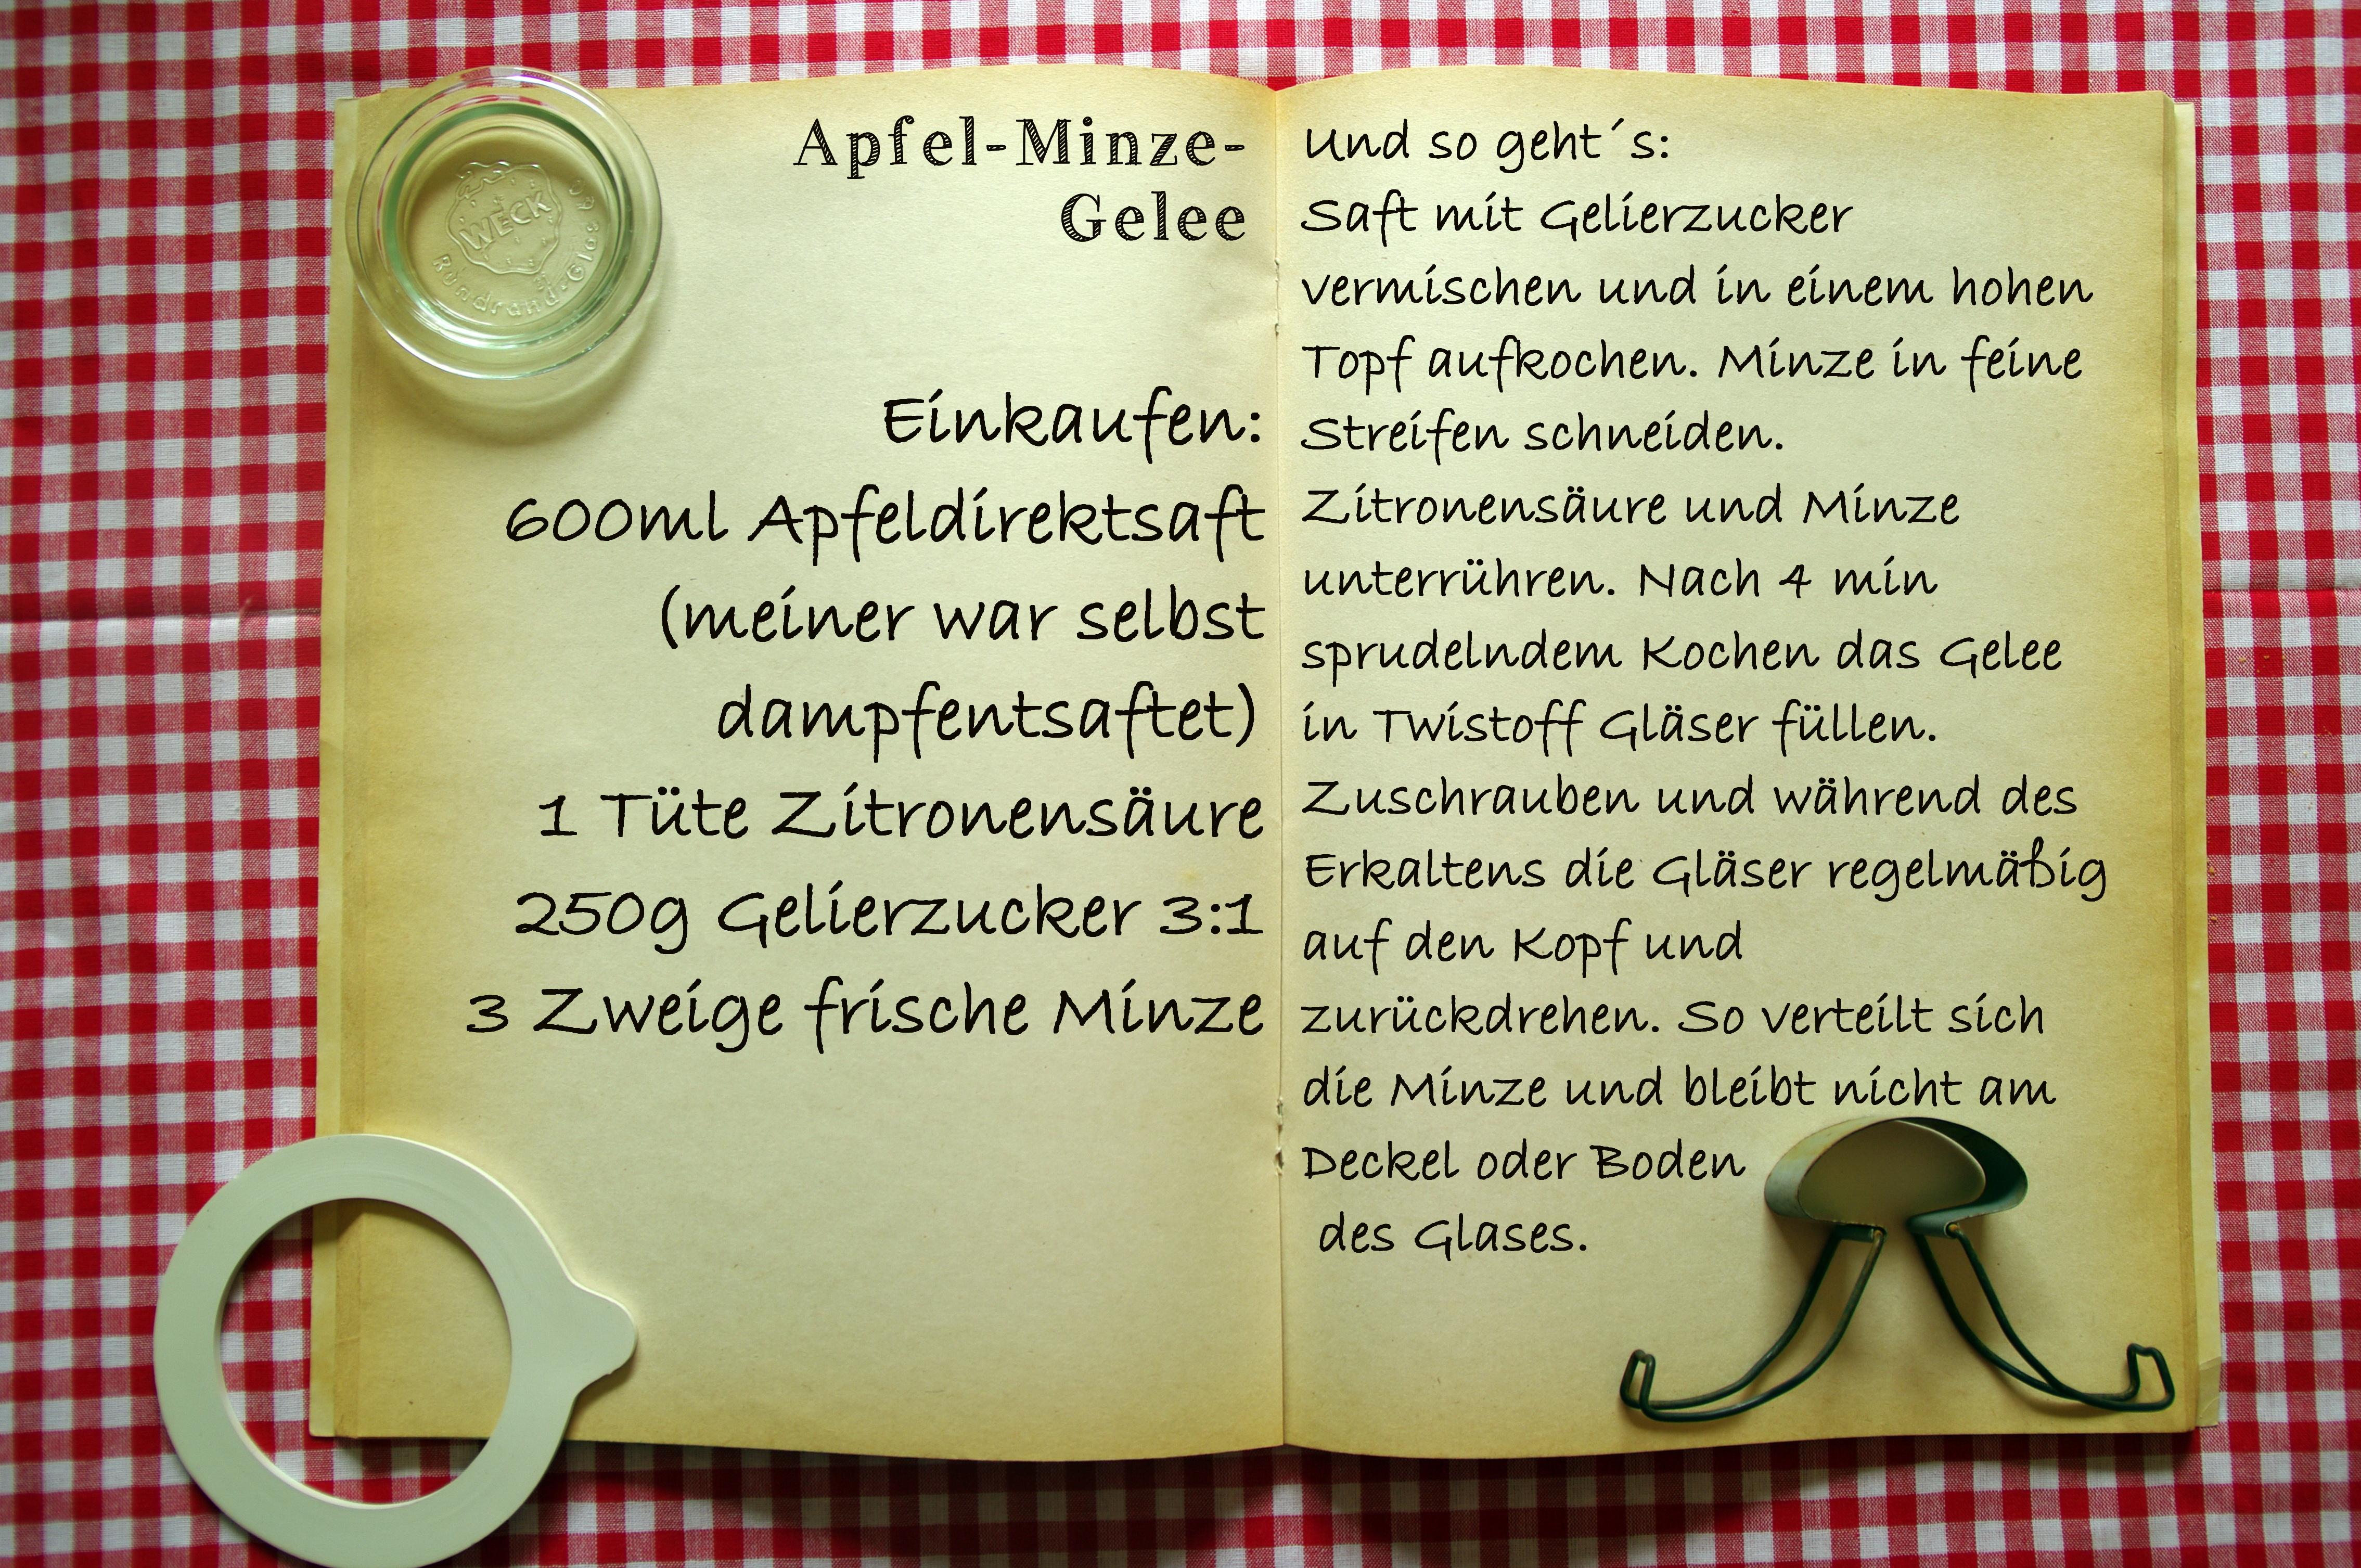 Einkaufszettel Apfelminzegelee by Glasgeflüster